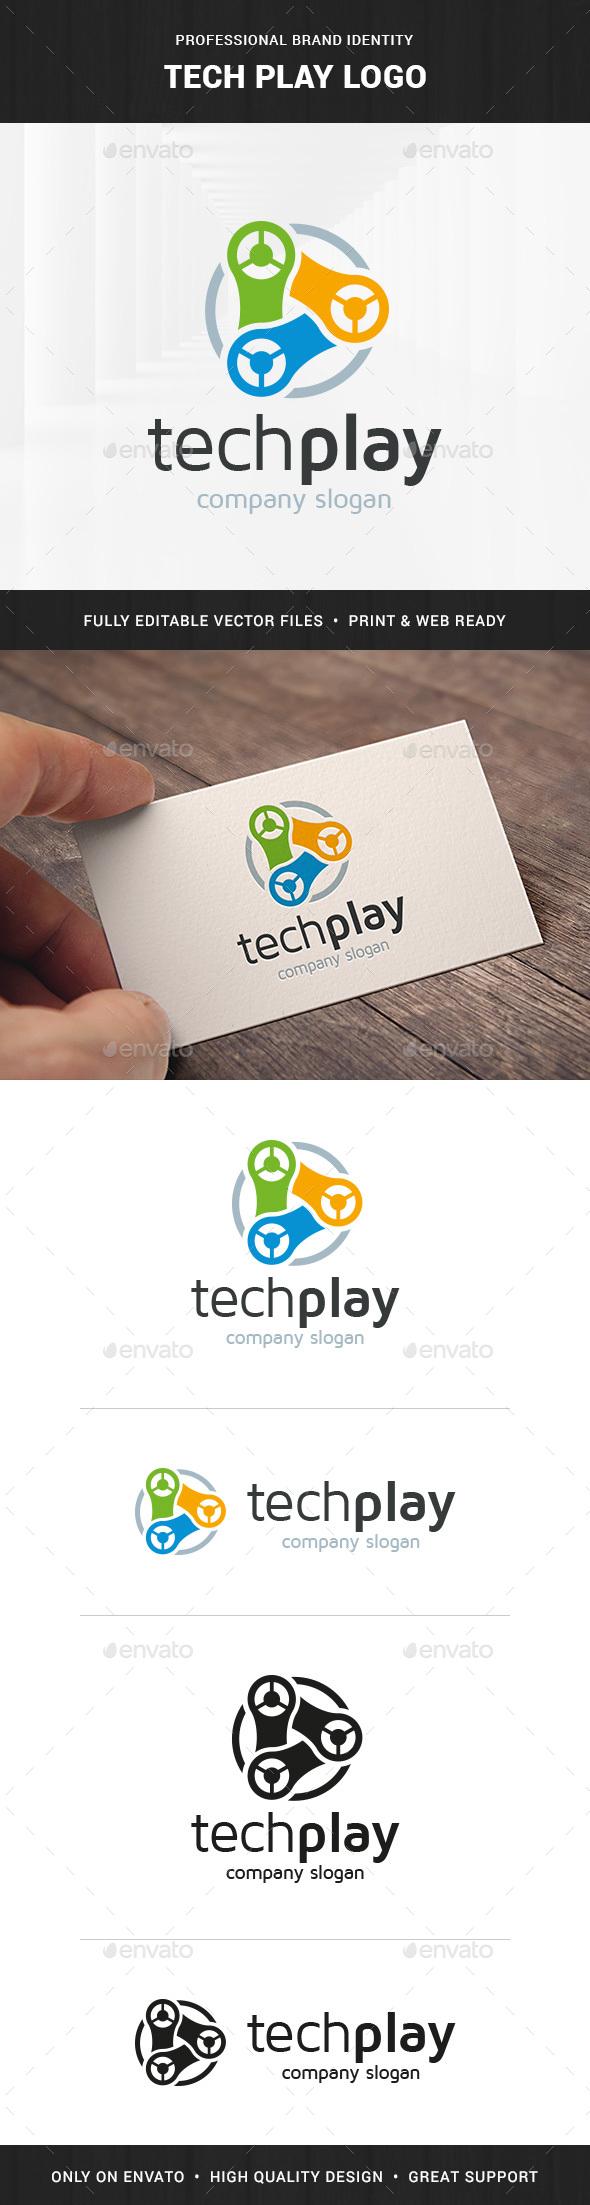 Tech Play Logo Template - Abstract Logo Templates